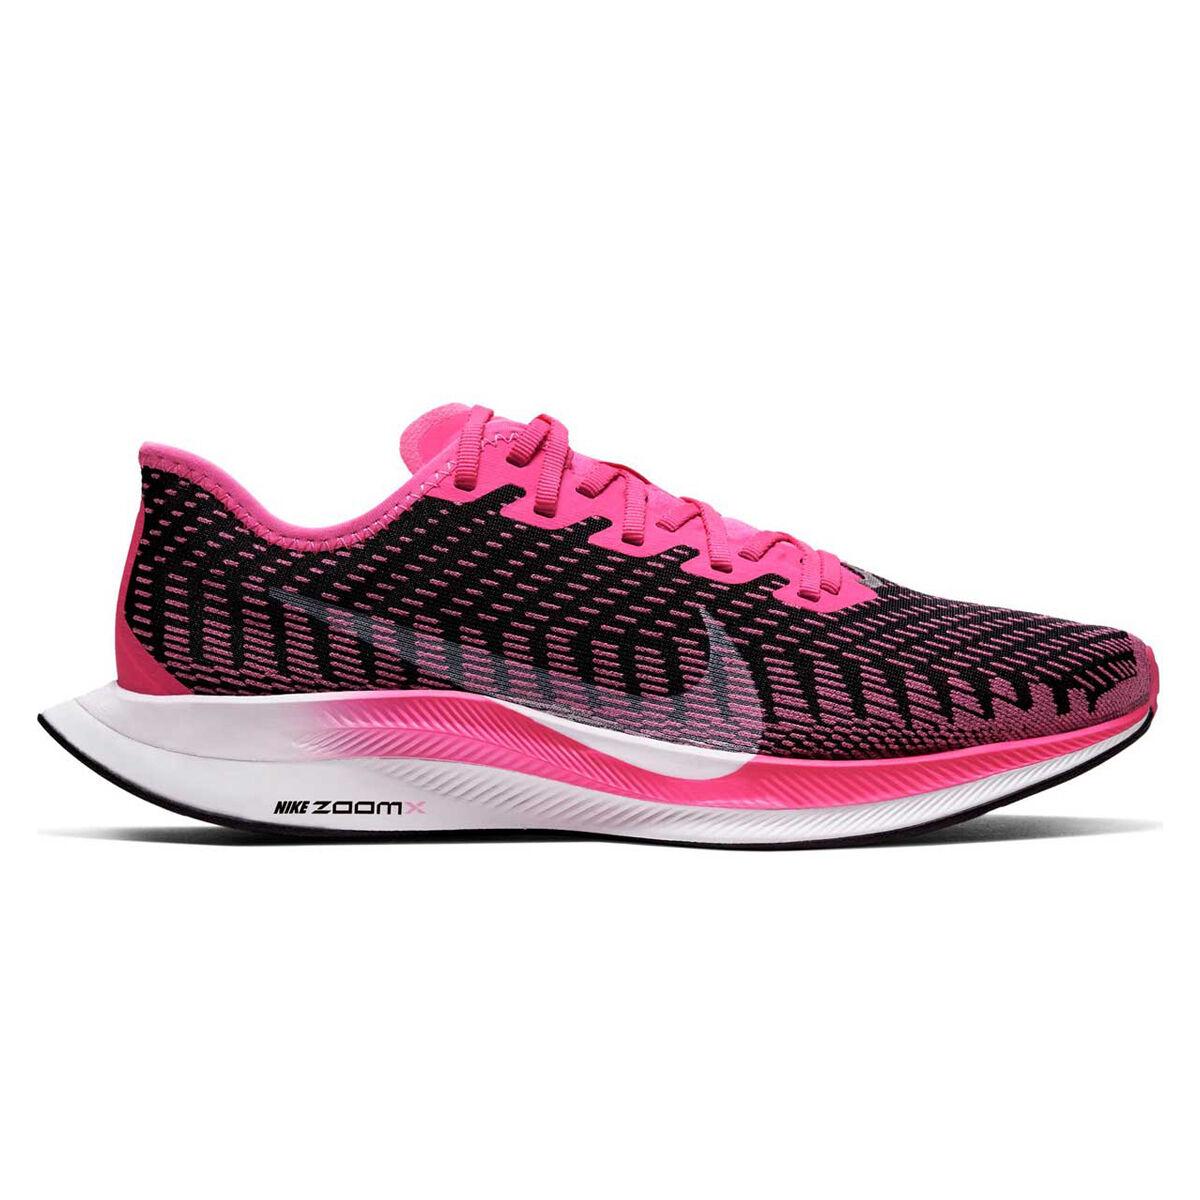 Nike Zoom Pegasus Turbo 2 Womens Running Shoes Pink White US 8